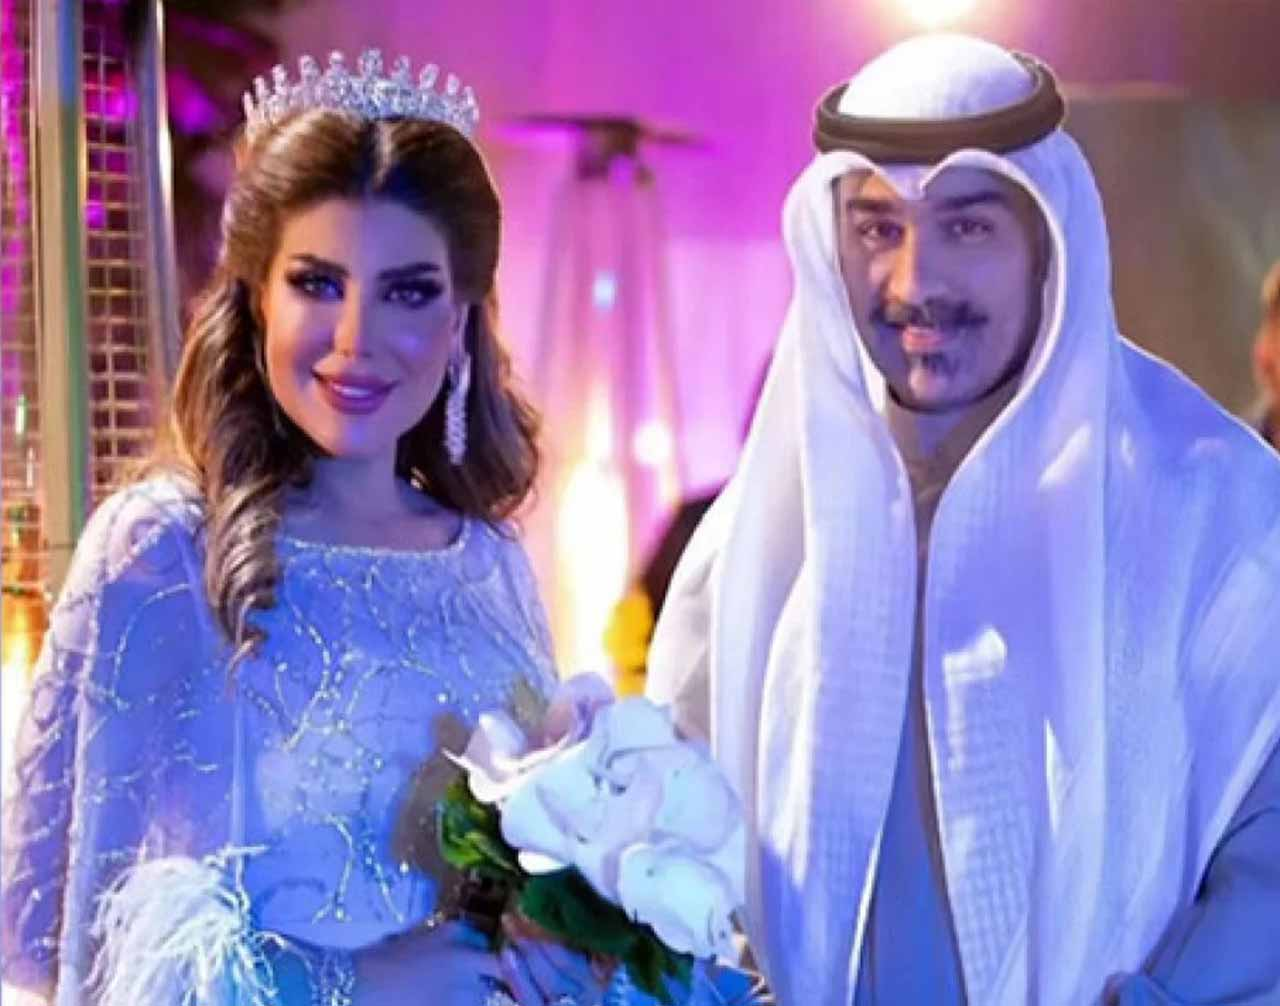 زينب الموسوي زوجة شهاب جوهر الأولى تخرج عن صمتها بعد زواجه من إلهام الفضالة (شاهد)